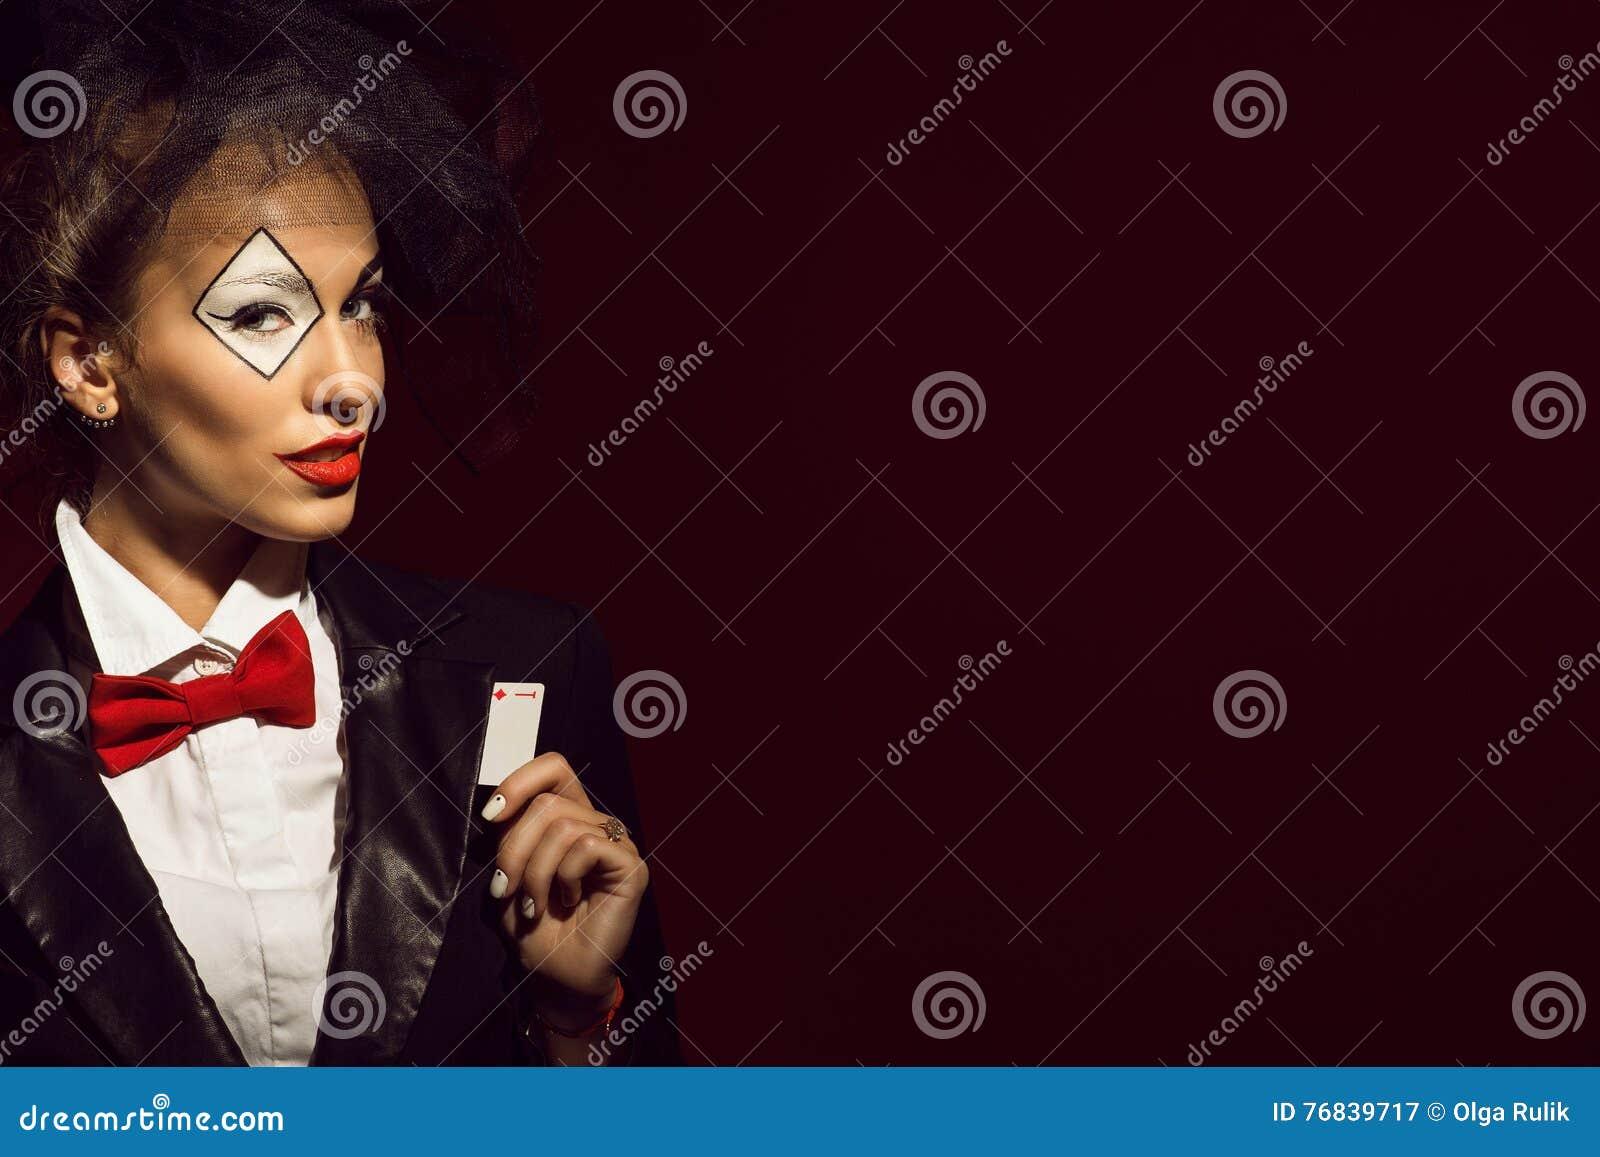 Portrait d un jeune beau croupier de dame dans une image de joker cachant une carte d as